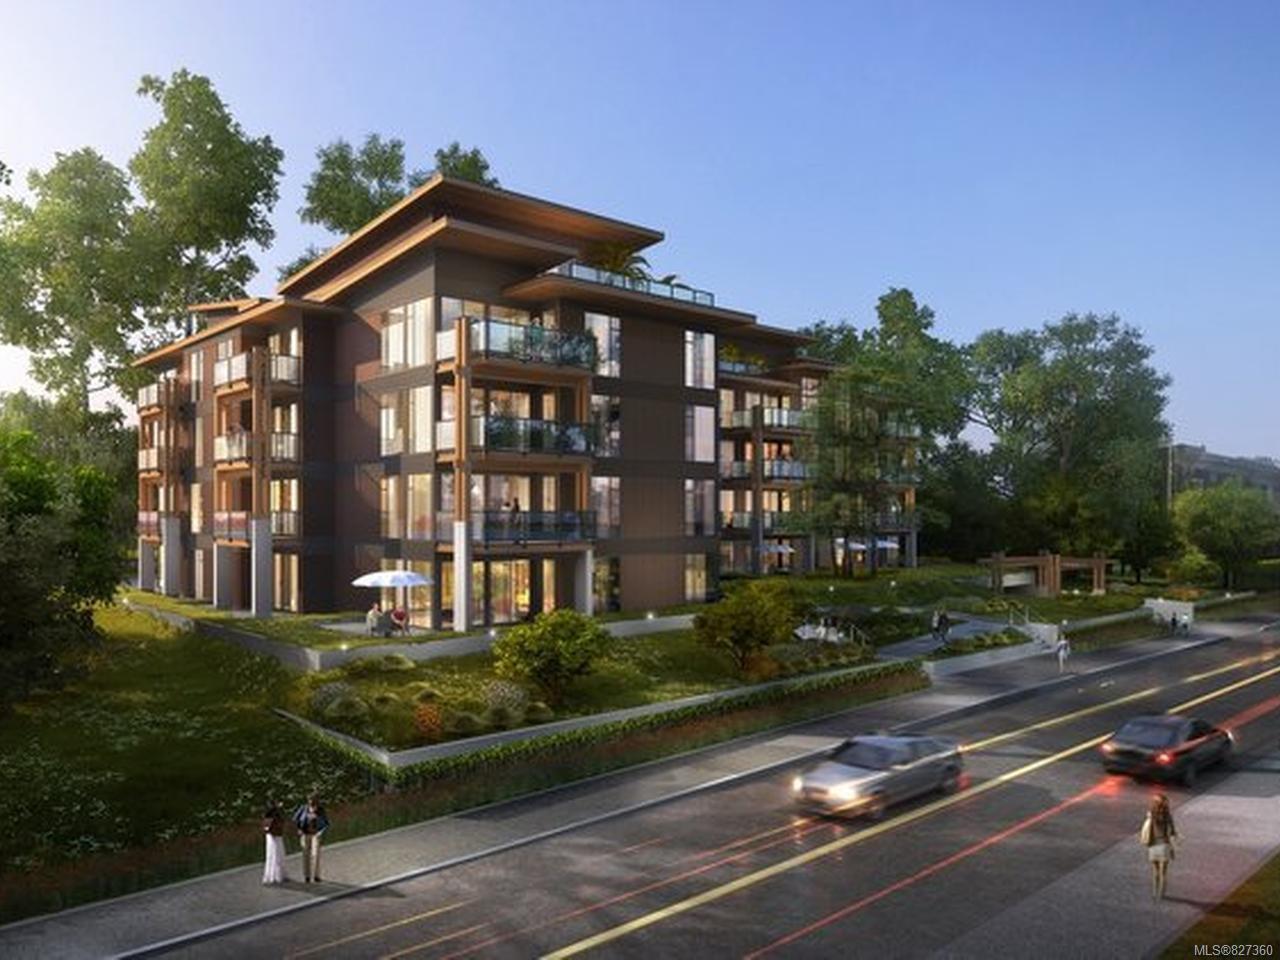 Main Photo: 405 1700 Balmoral Ave in COMOX: CV Comox (Town of) Condo Apartment for sale (Comox Valley)  : MLS®# 827360